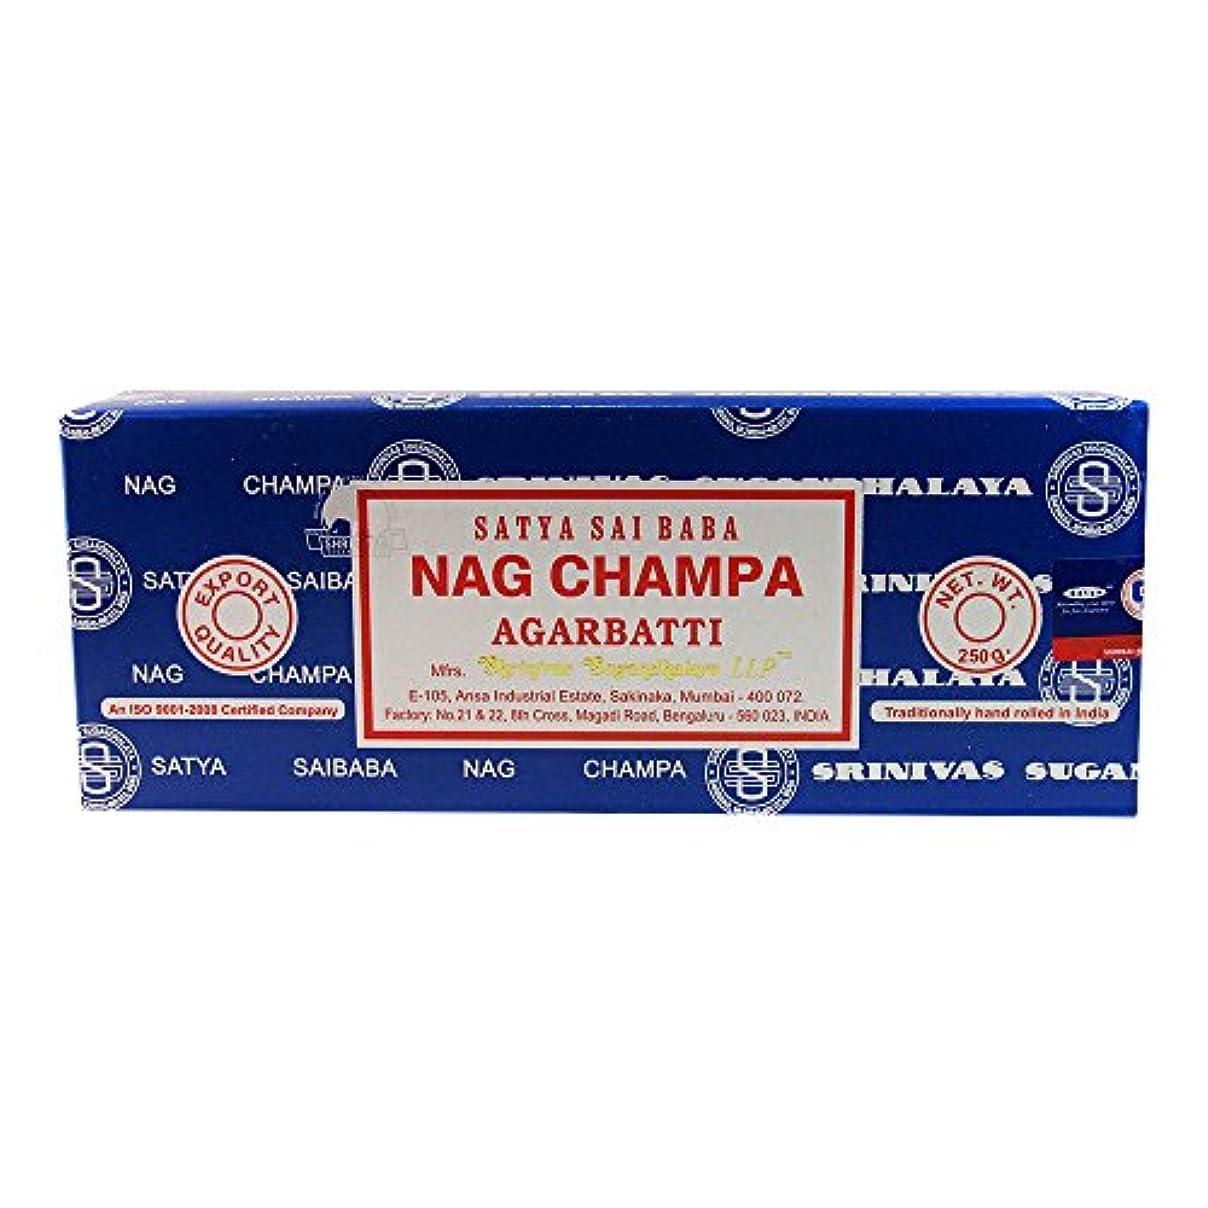 うっかりブラインド理由海外直送品Nag Champa Incense, 250 GRAMS by Sai Baba